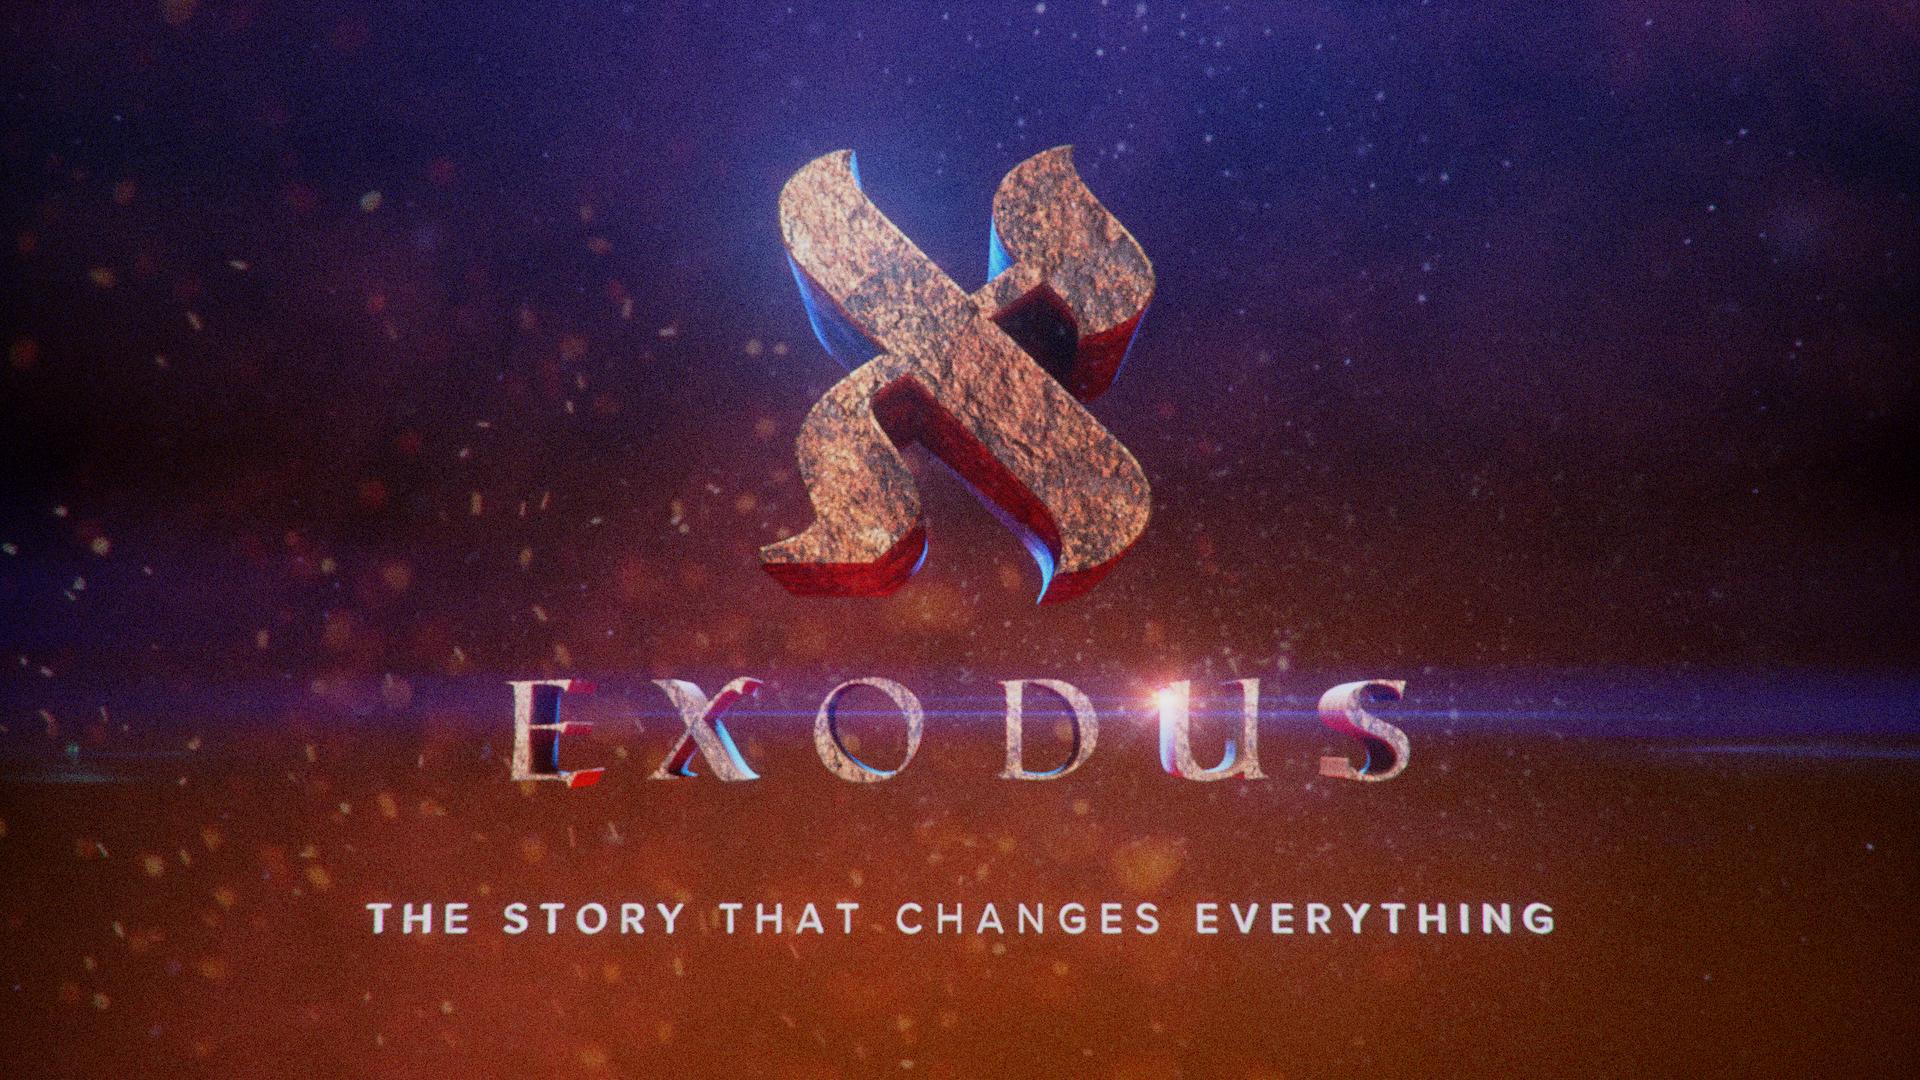 exodus_hd.jpg